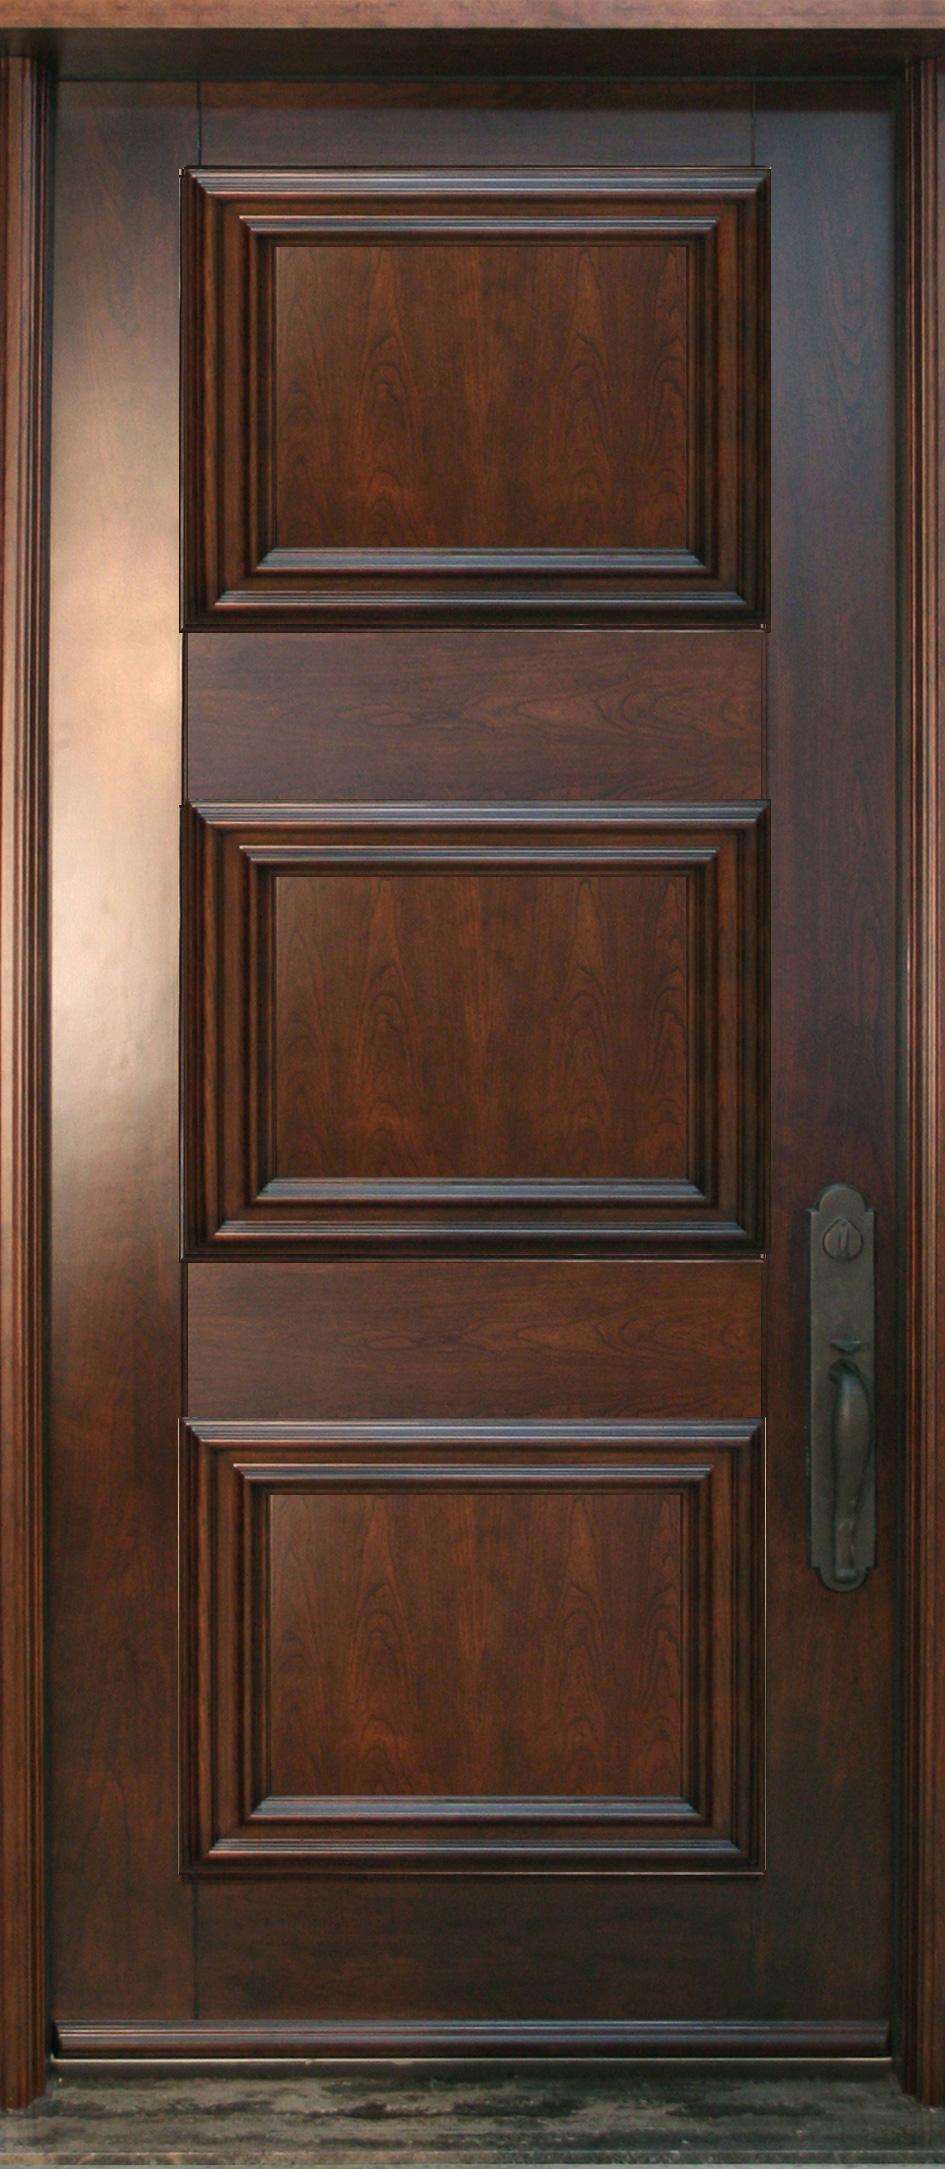 nb318 porte acier bois panneaux d coratifs cerisier. Black Bedroom Furniture Sets. Home Design Ideas